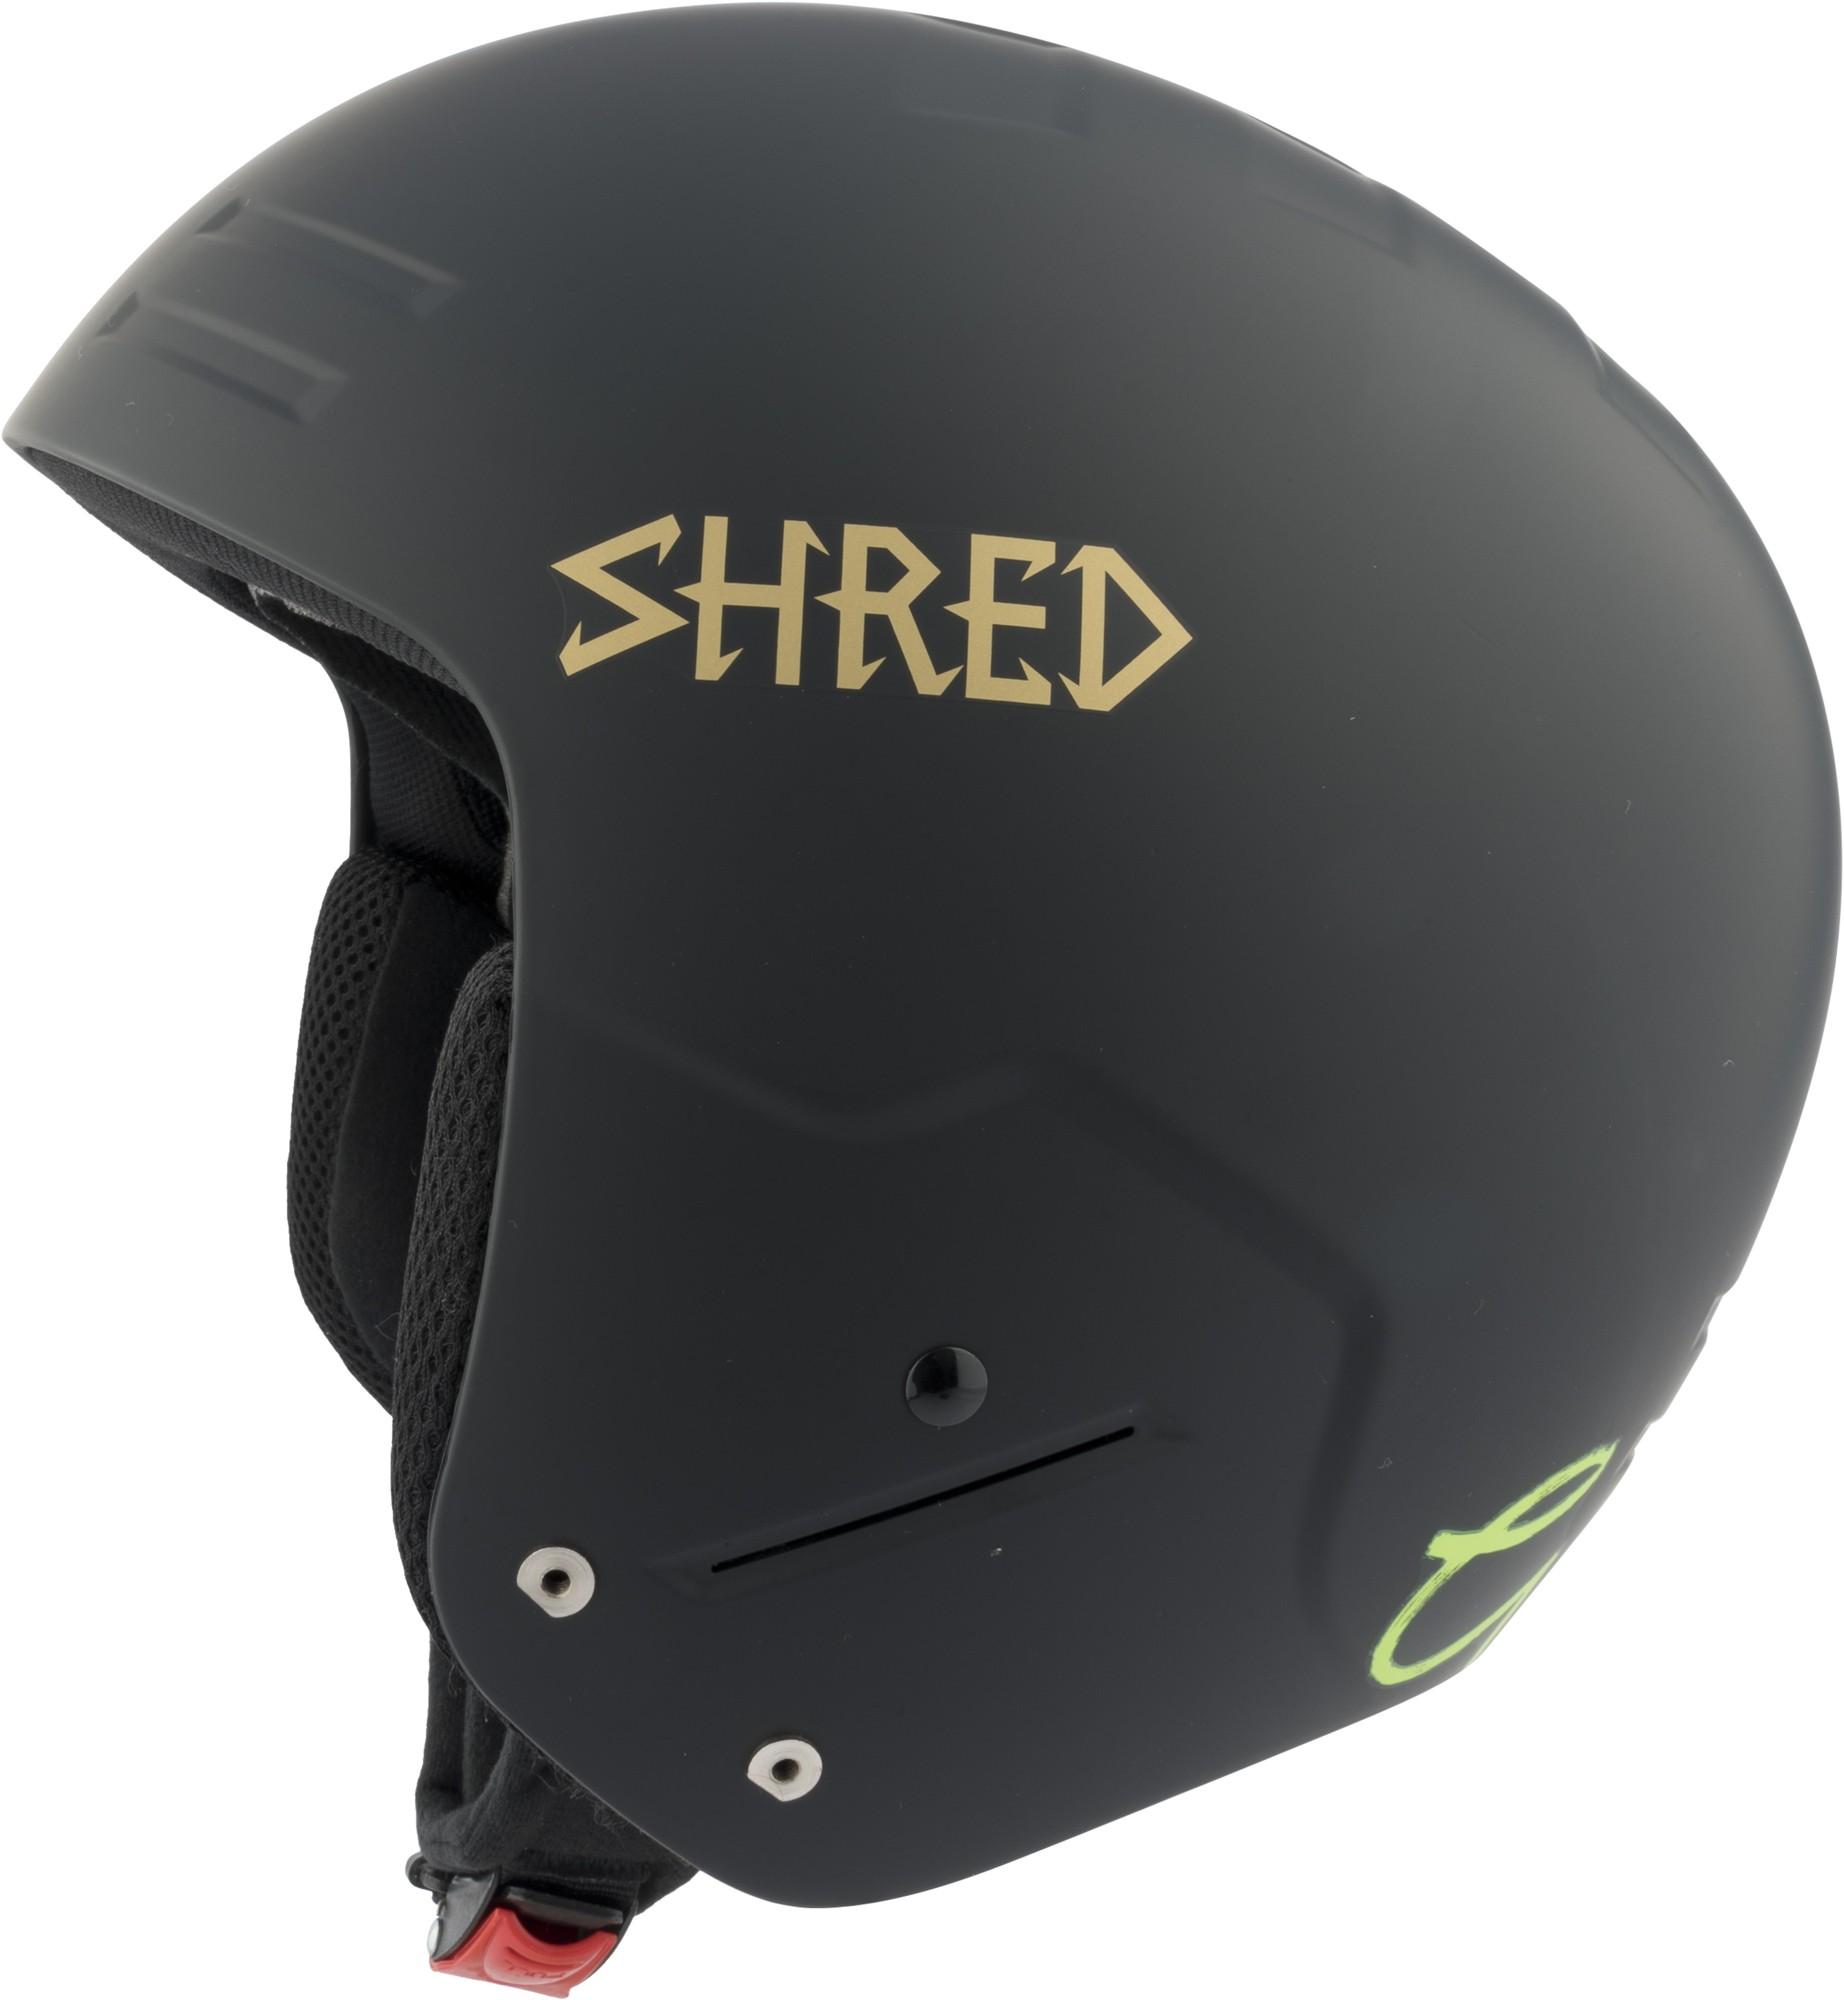 Shred FIS BASHER NoShock LG (Lara Gut) ski helmet, 2017